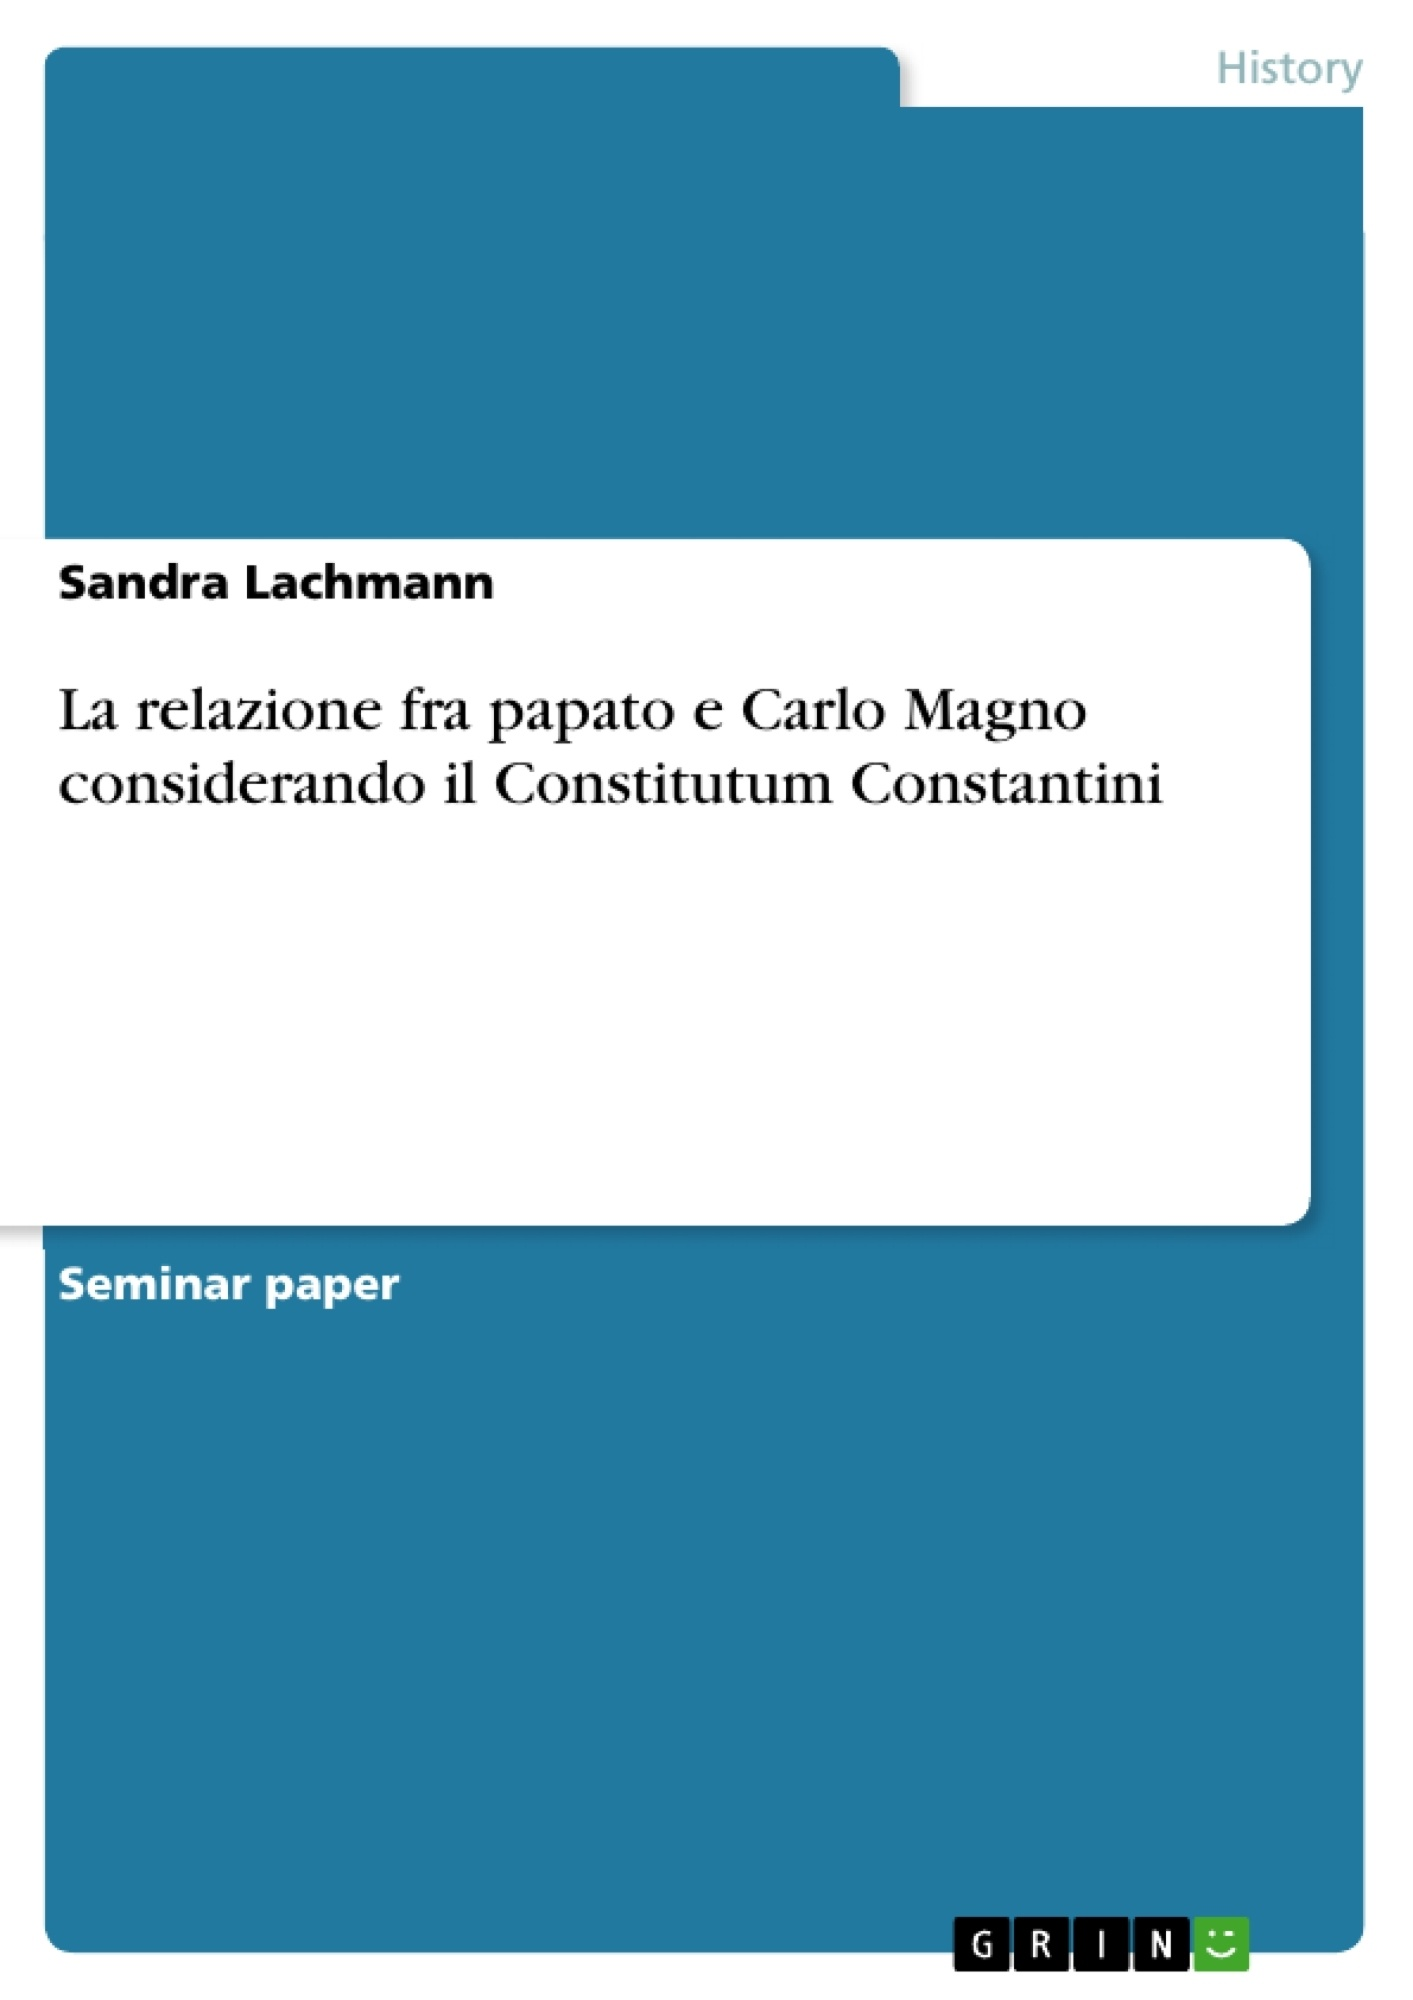 Title: La relazione fra papato e Carlo Magno considerando il Constitutum Constantini